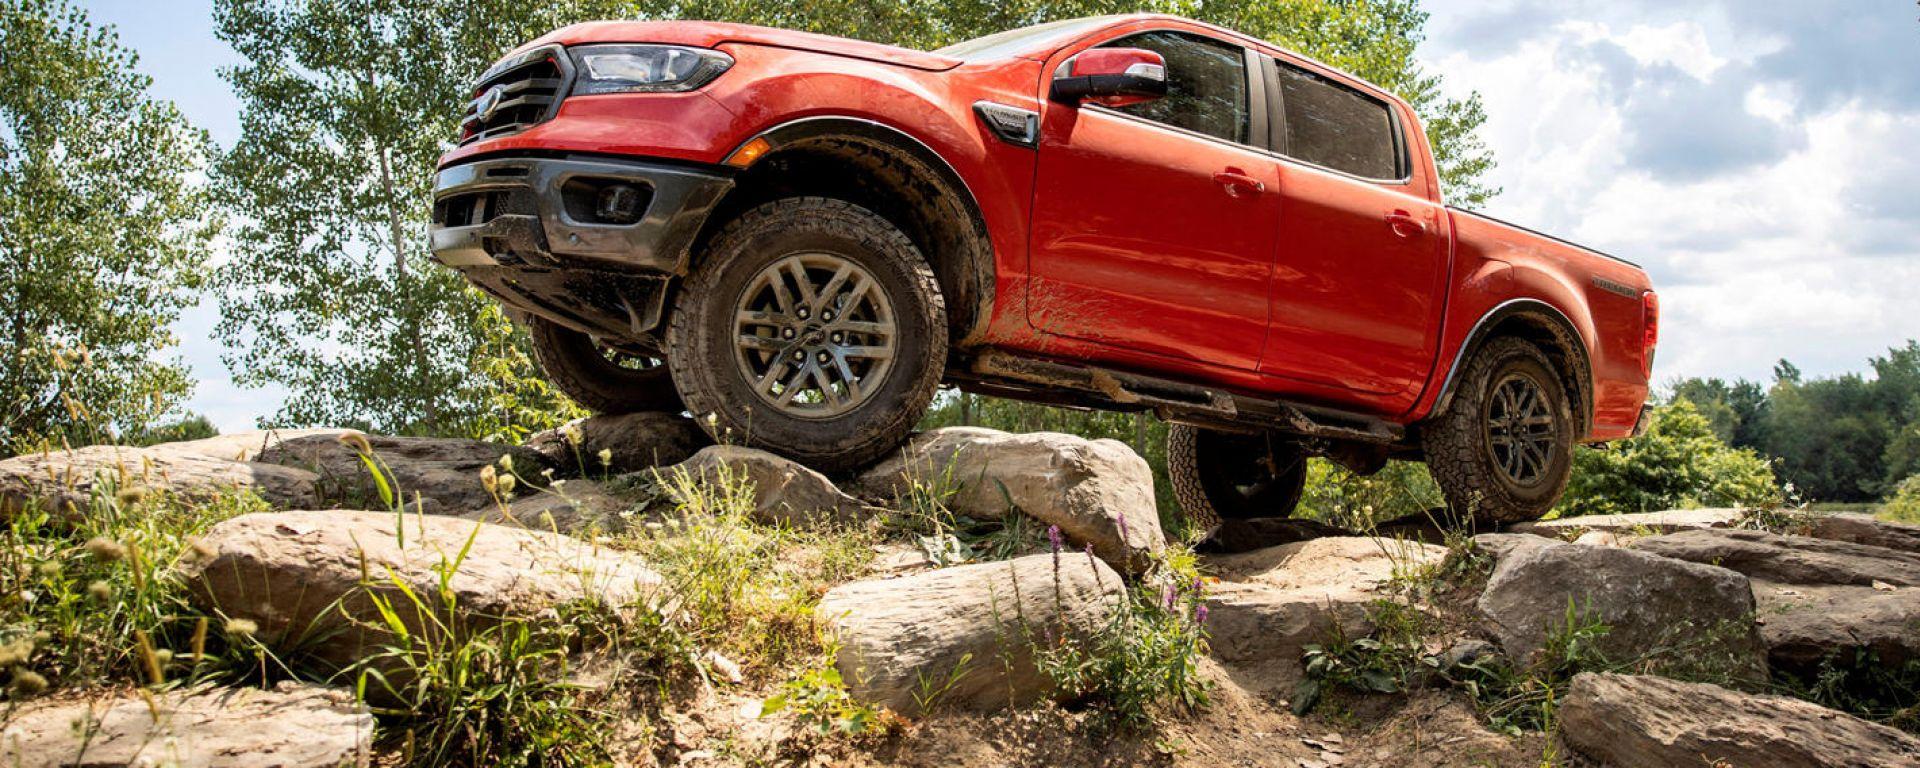 Ford Ranger Tremor, il pickup che vuole fare il fuoristrada